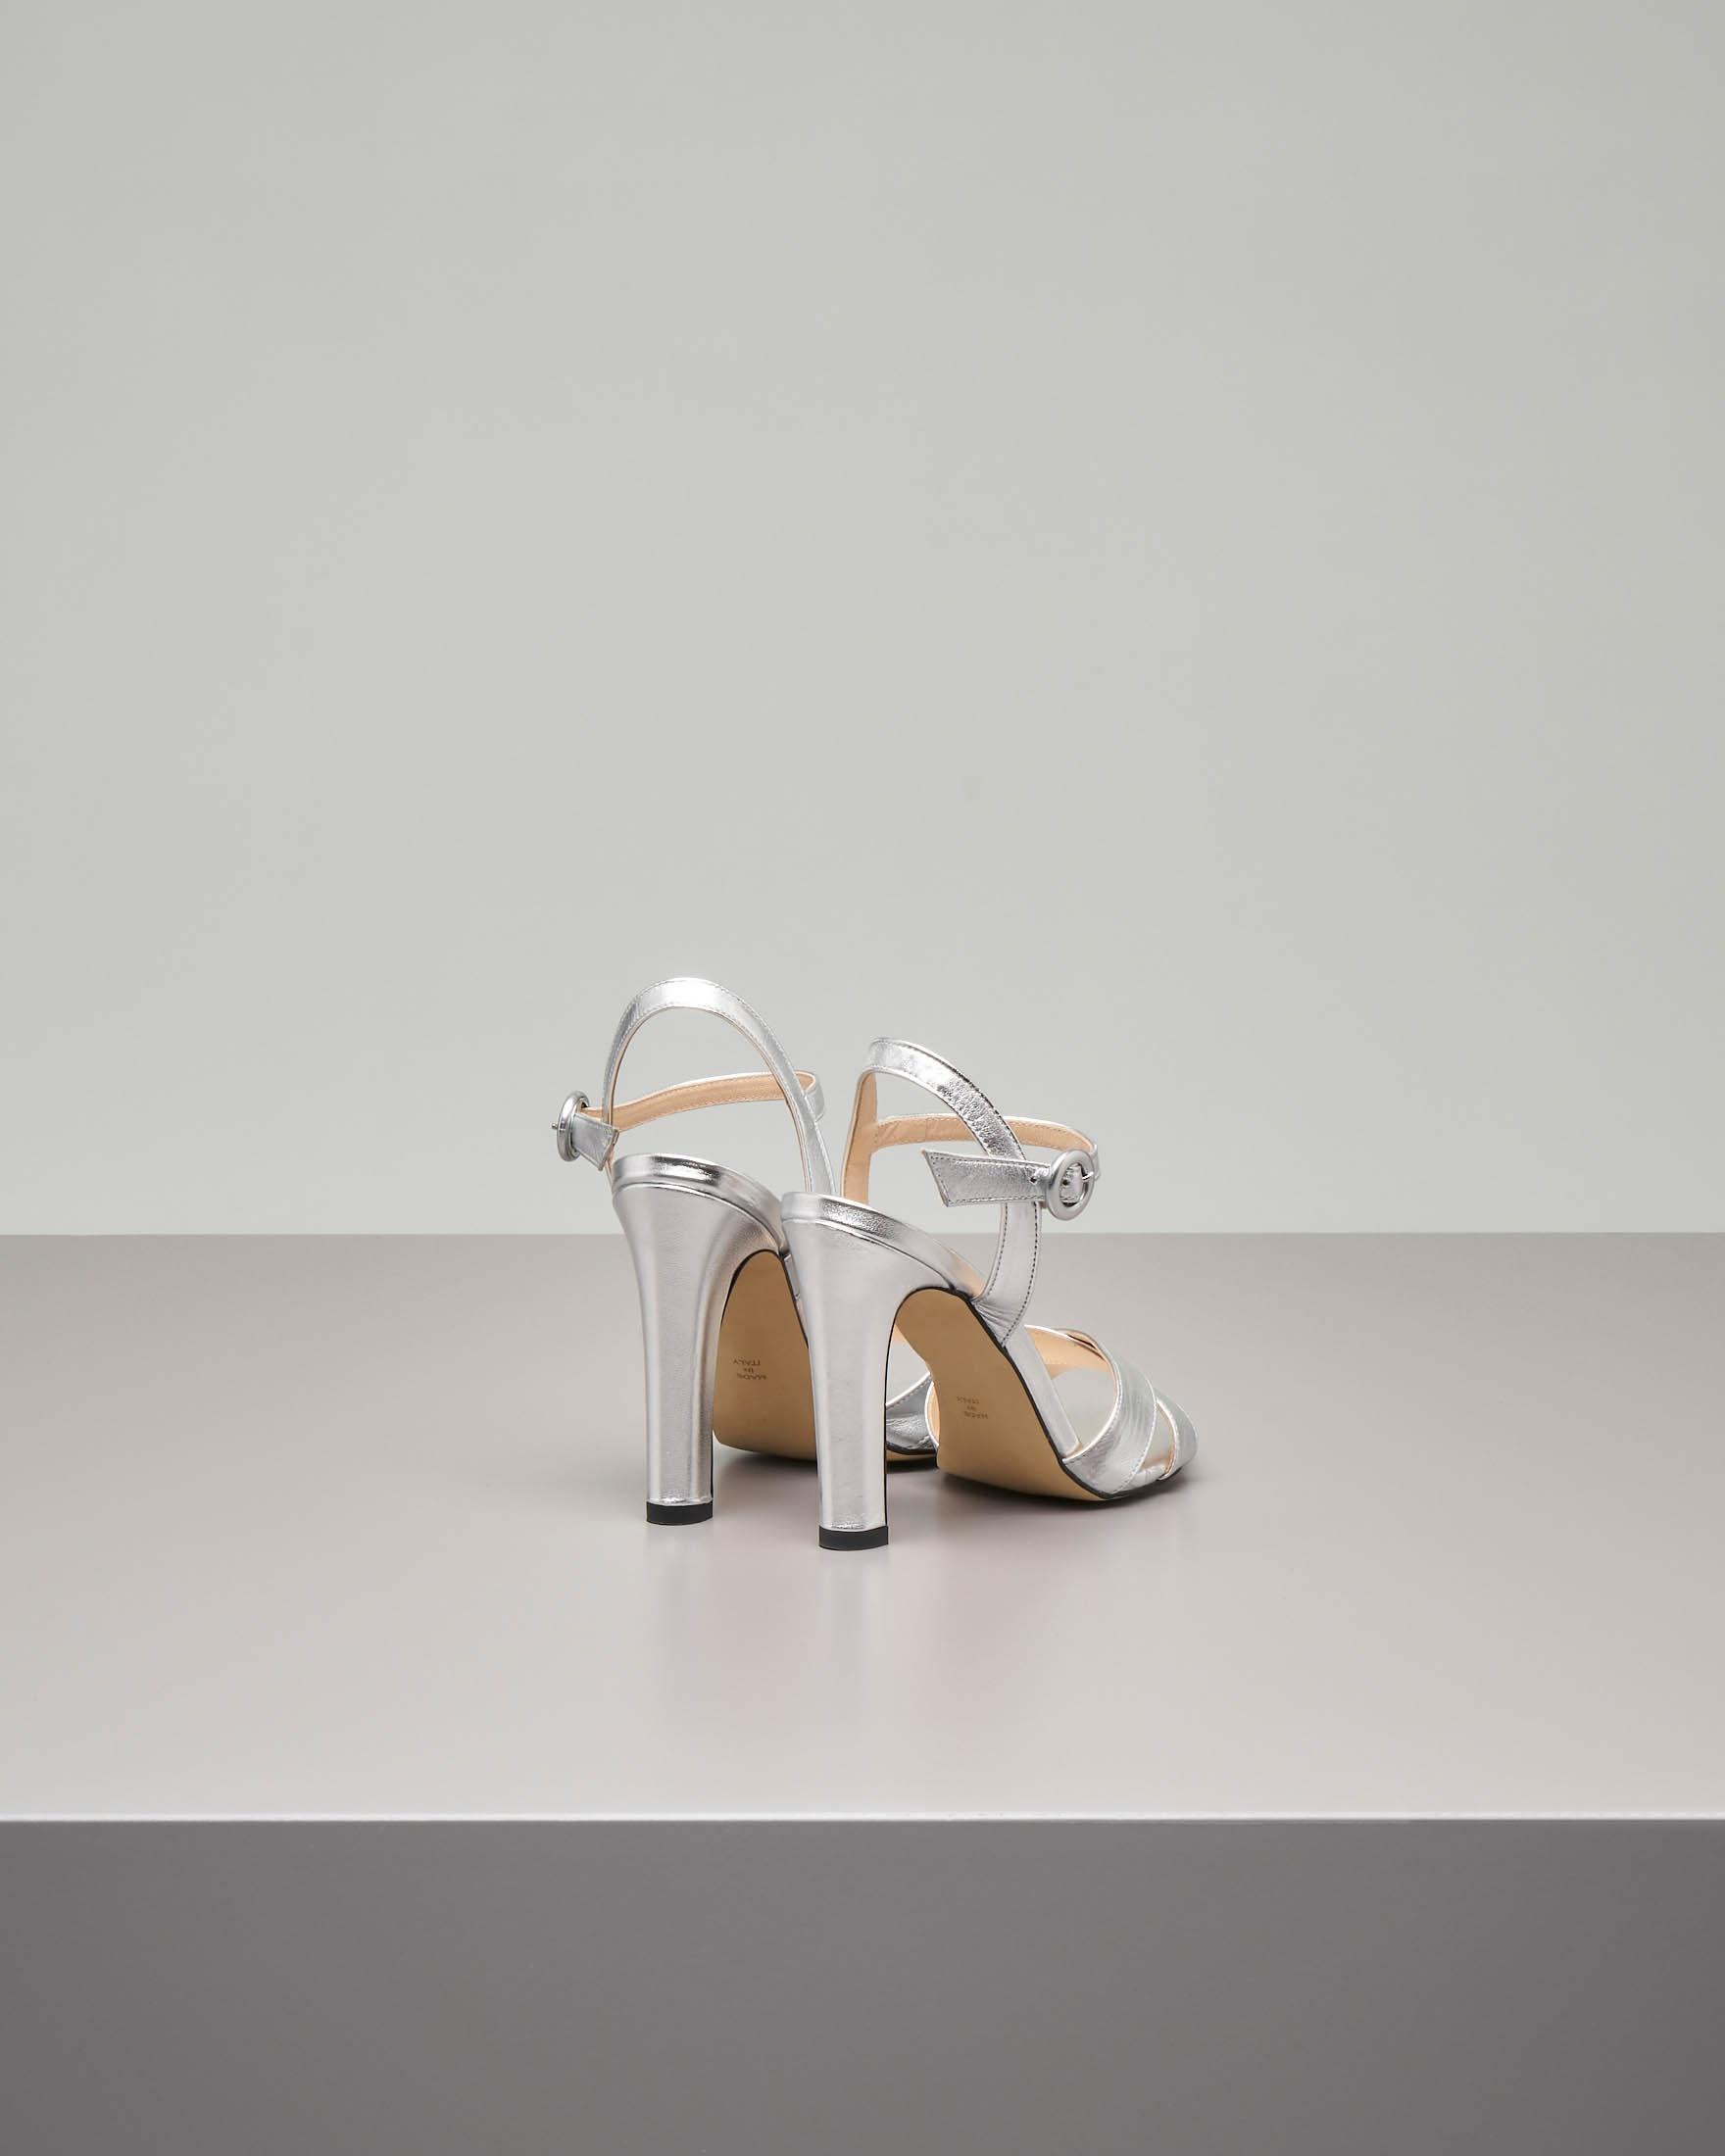 Sandalo alto in pelle color argento effetto laminato con fascette incrociate | Pellizzari E commerce